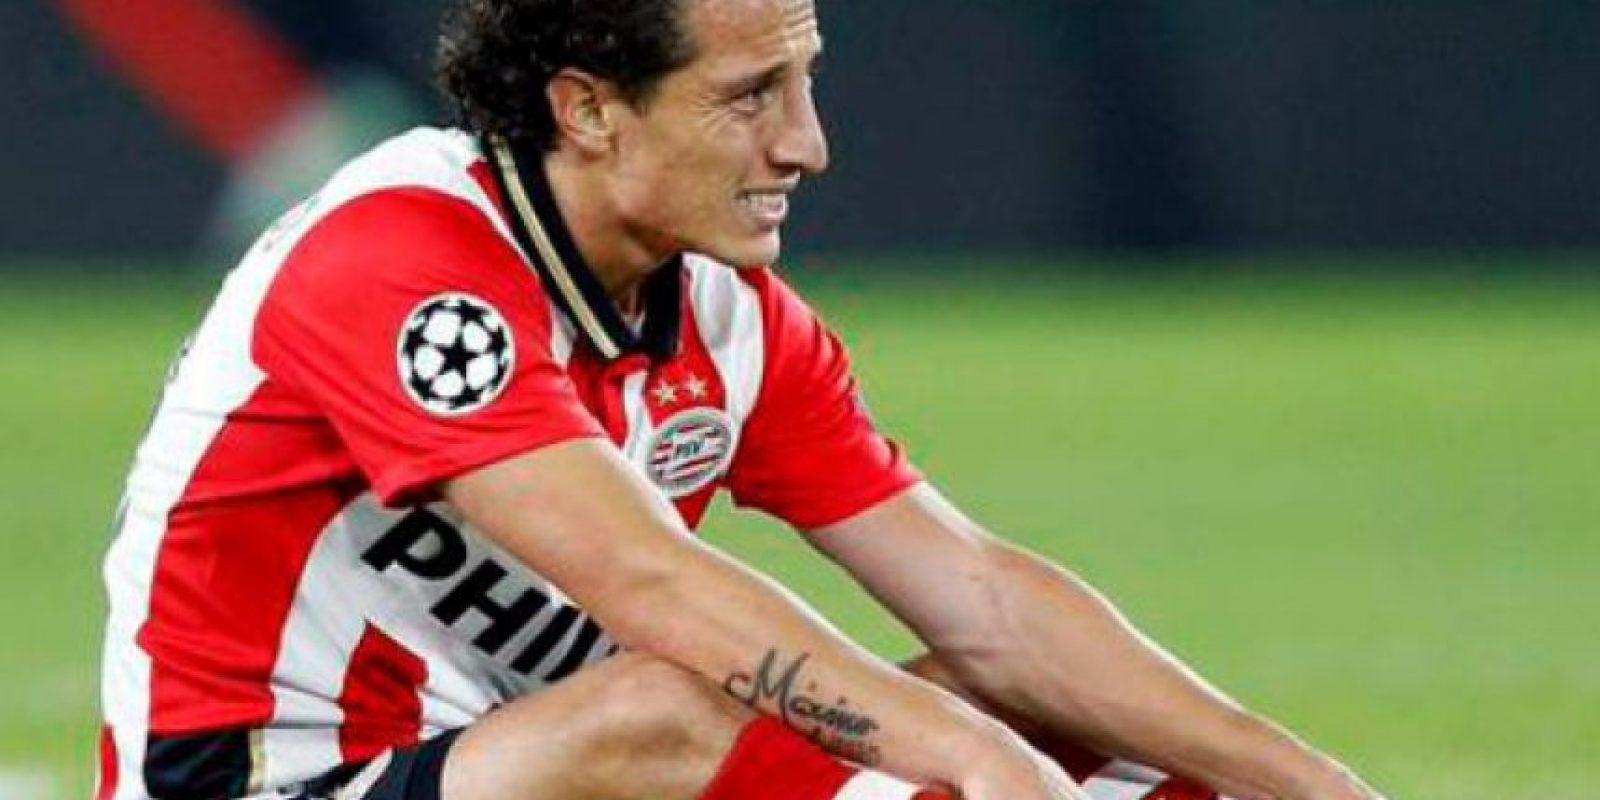 Salió lesionado del partido contra Manchester United de los ligamentos del tobillo izquierdo. Estará fuera por dos semanas Foto:Getty Images